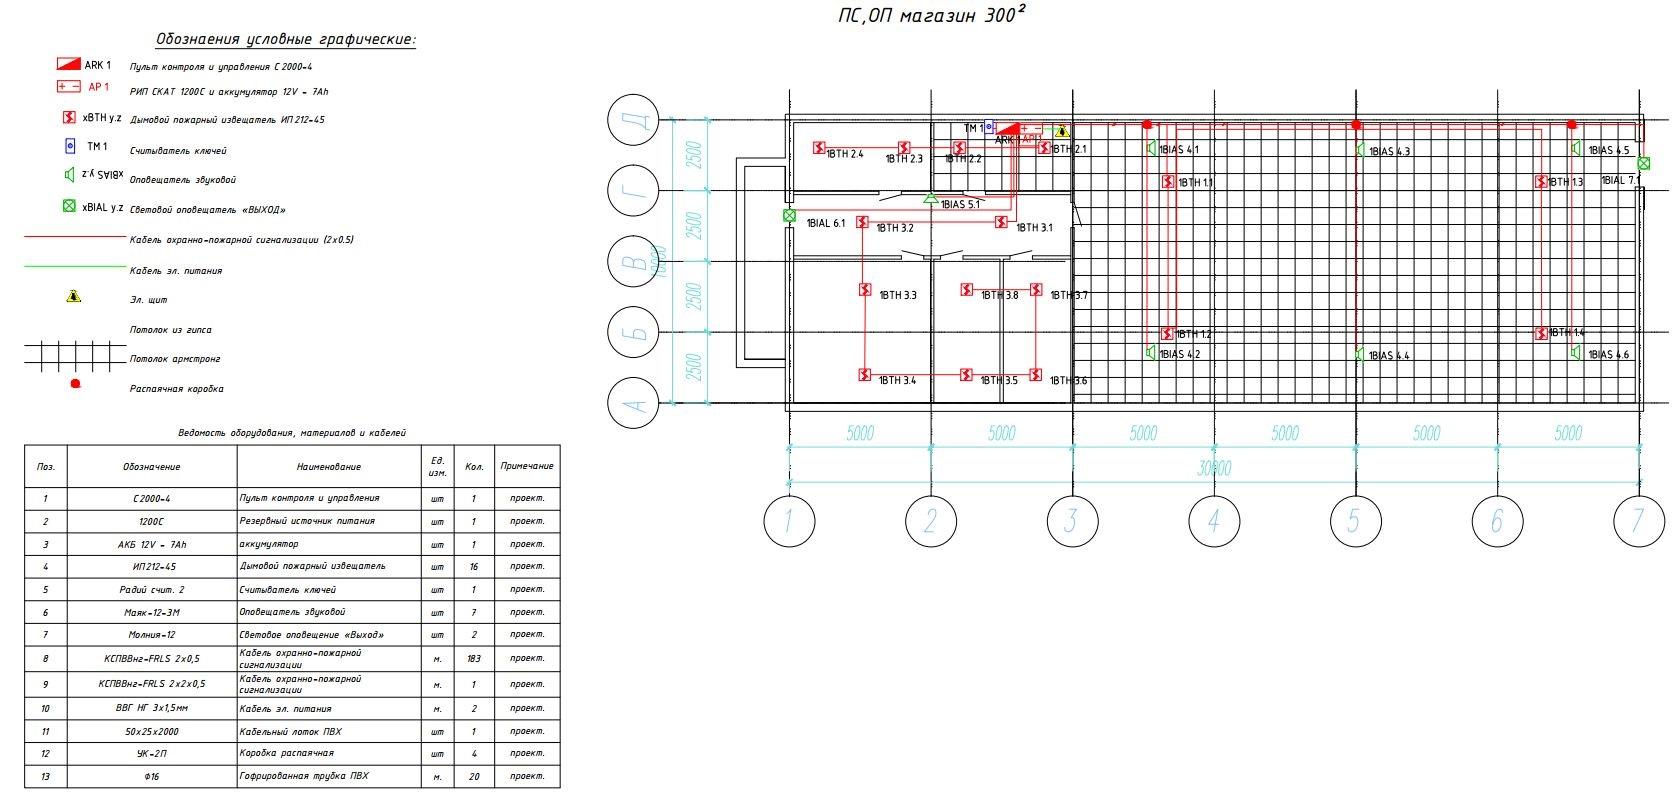 проект пожарной сигнализации и системы оповещения о пожаре в магазине